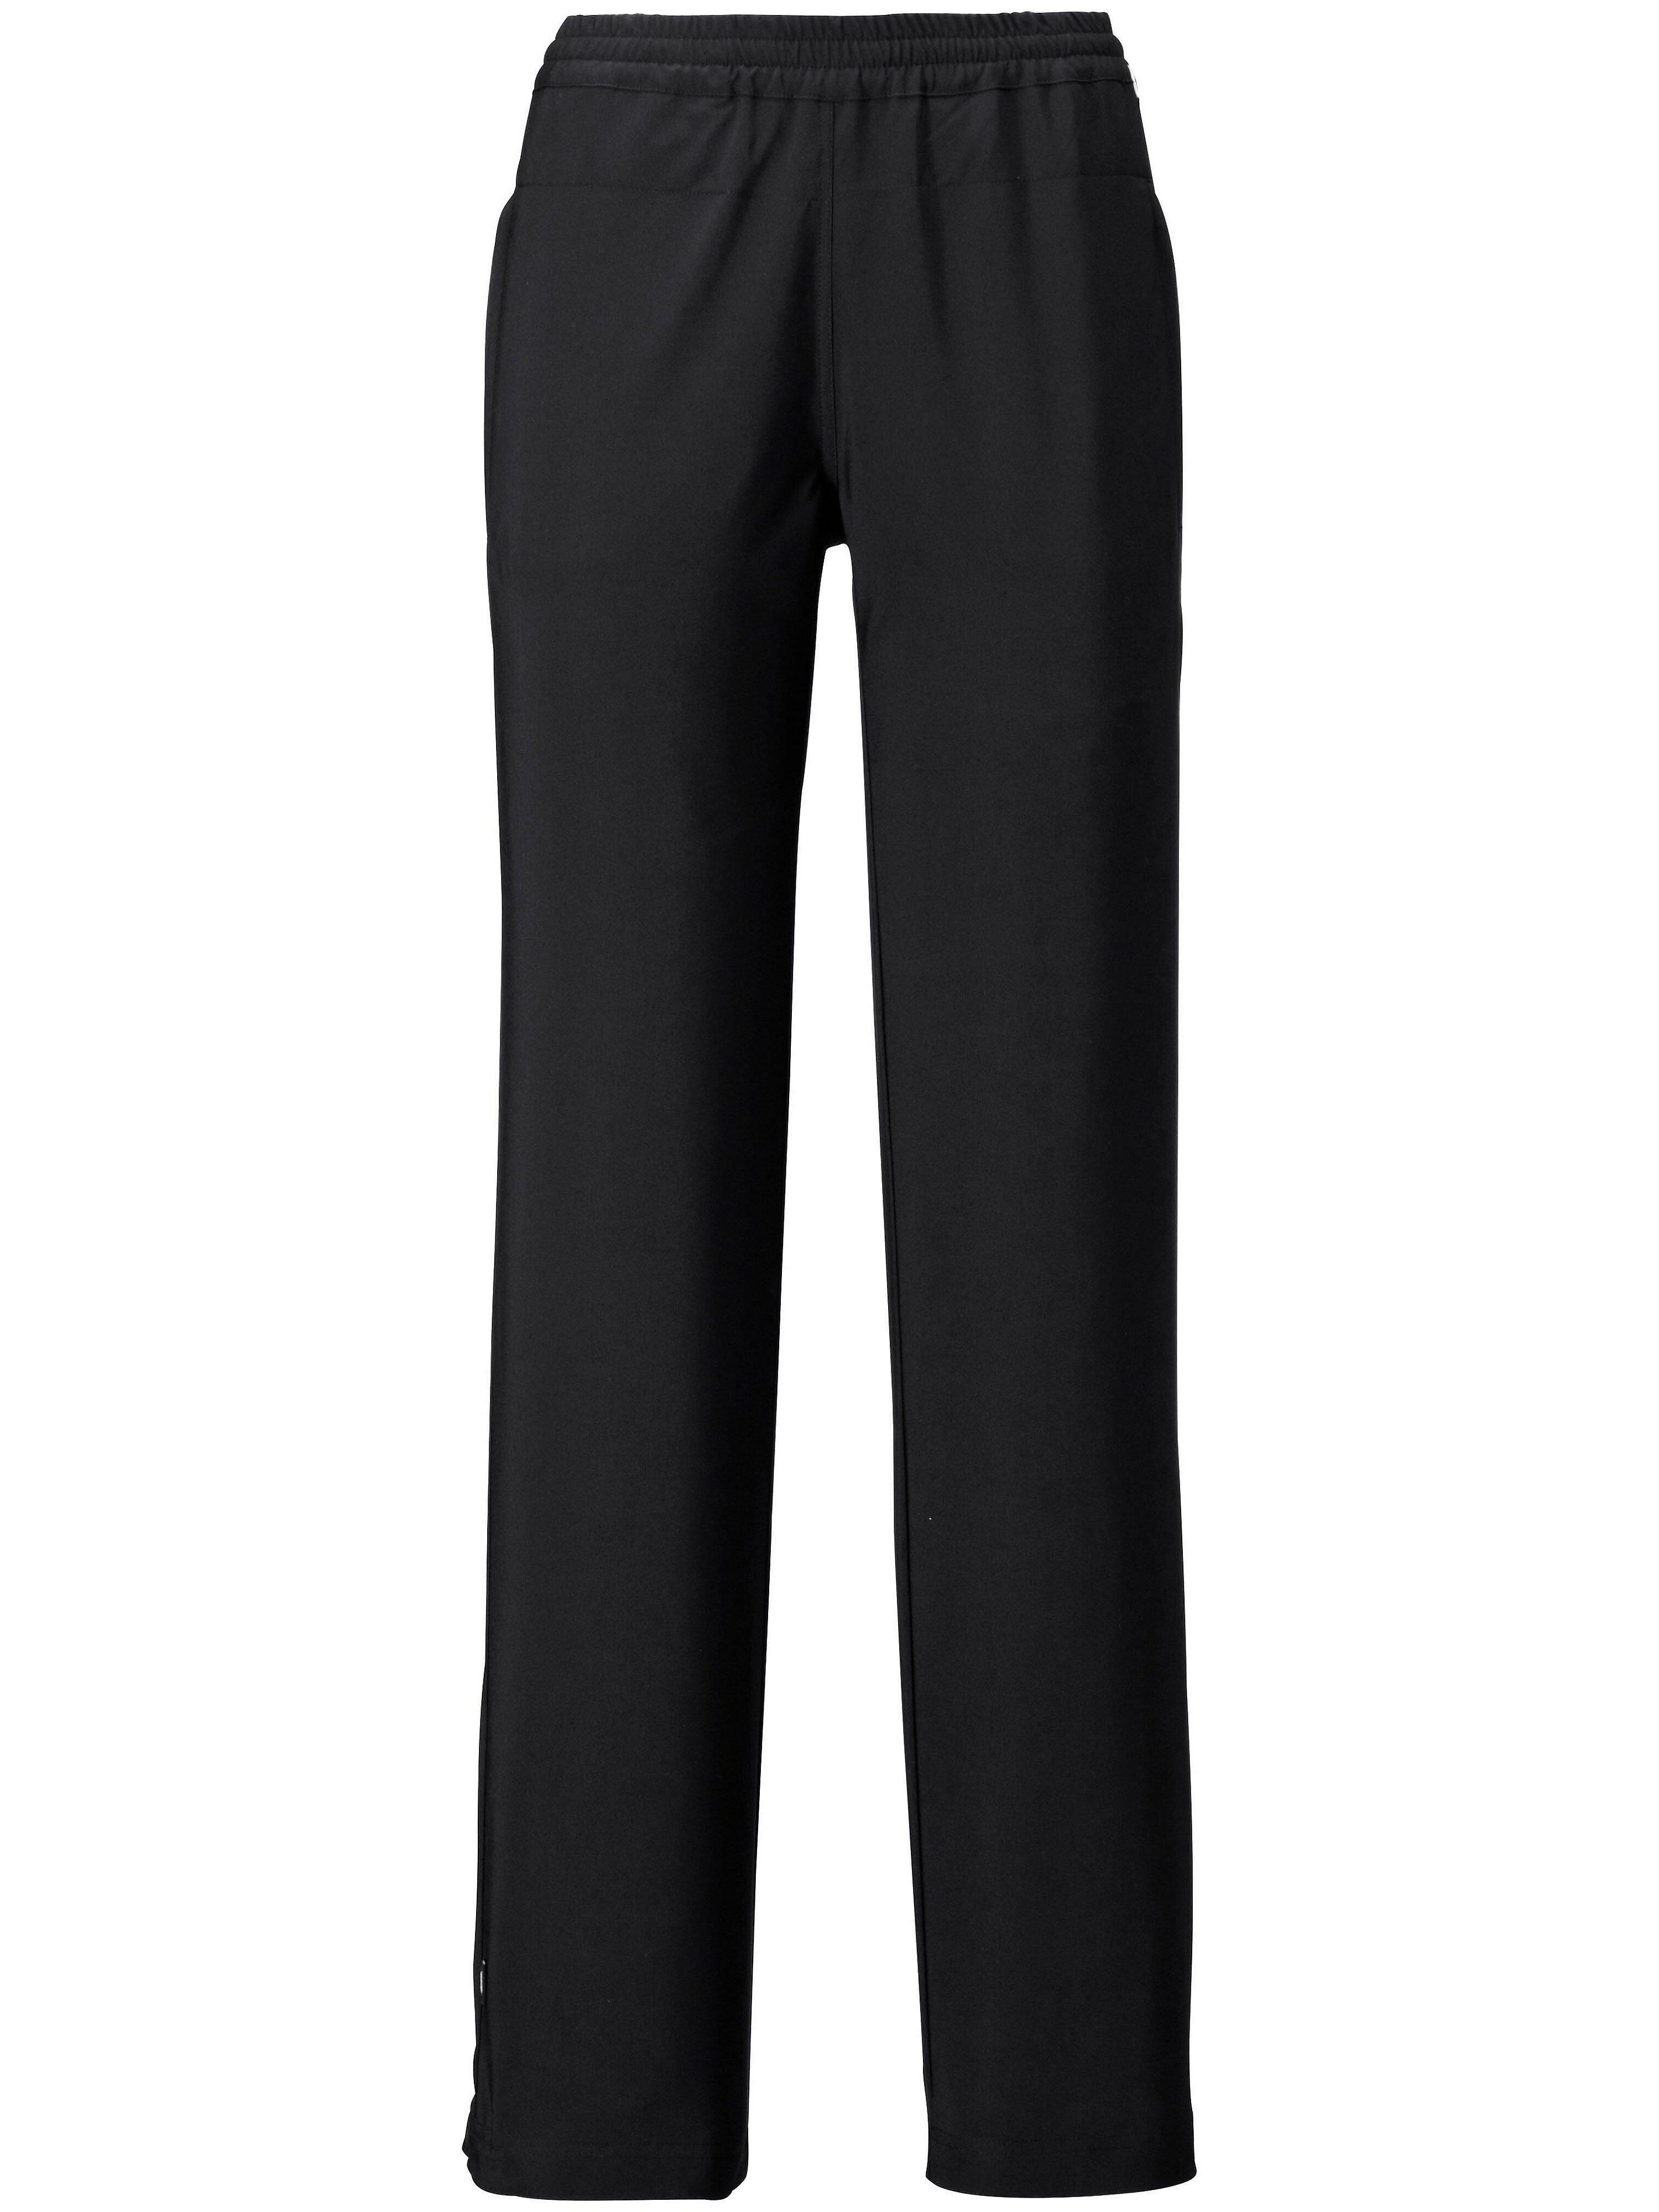 Le pantalon  Joy noir taille 52